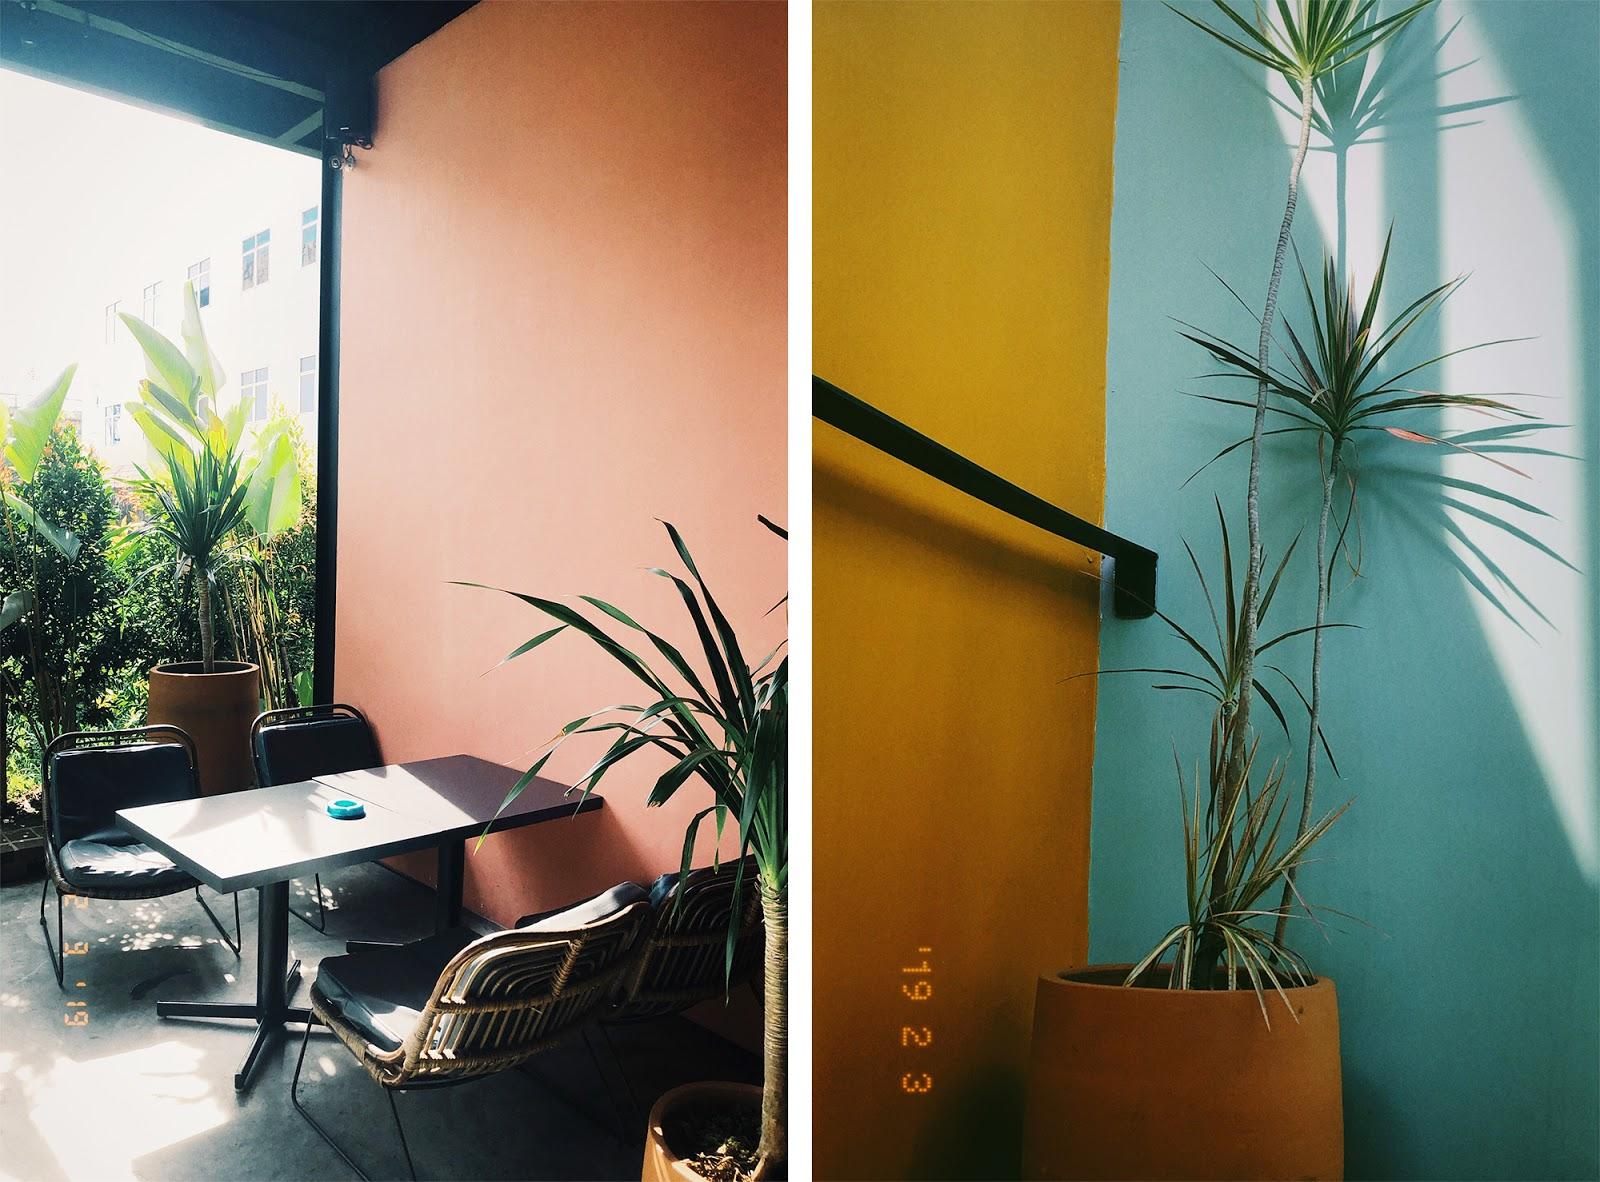 Cafe Yucca Pontianak interior | www.bigdreamerblog.com